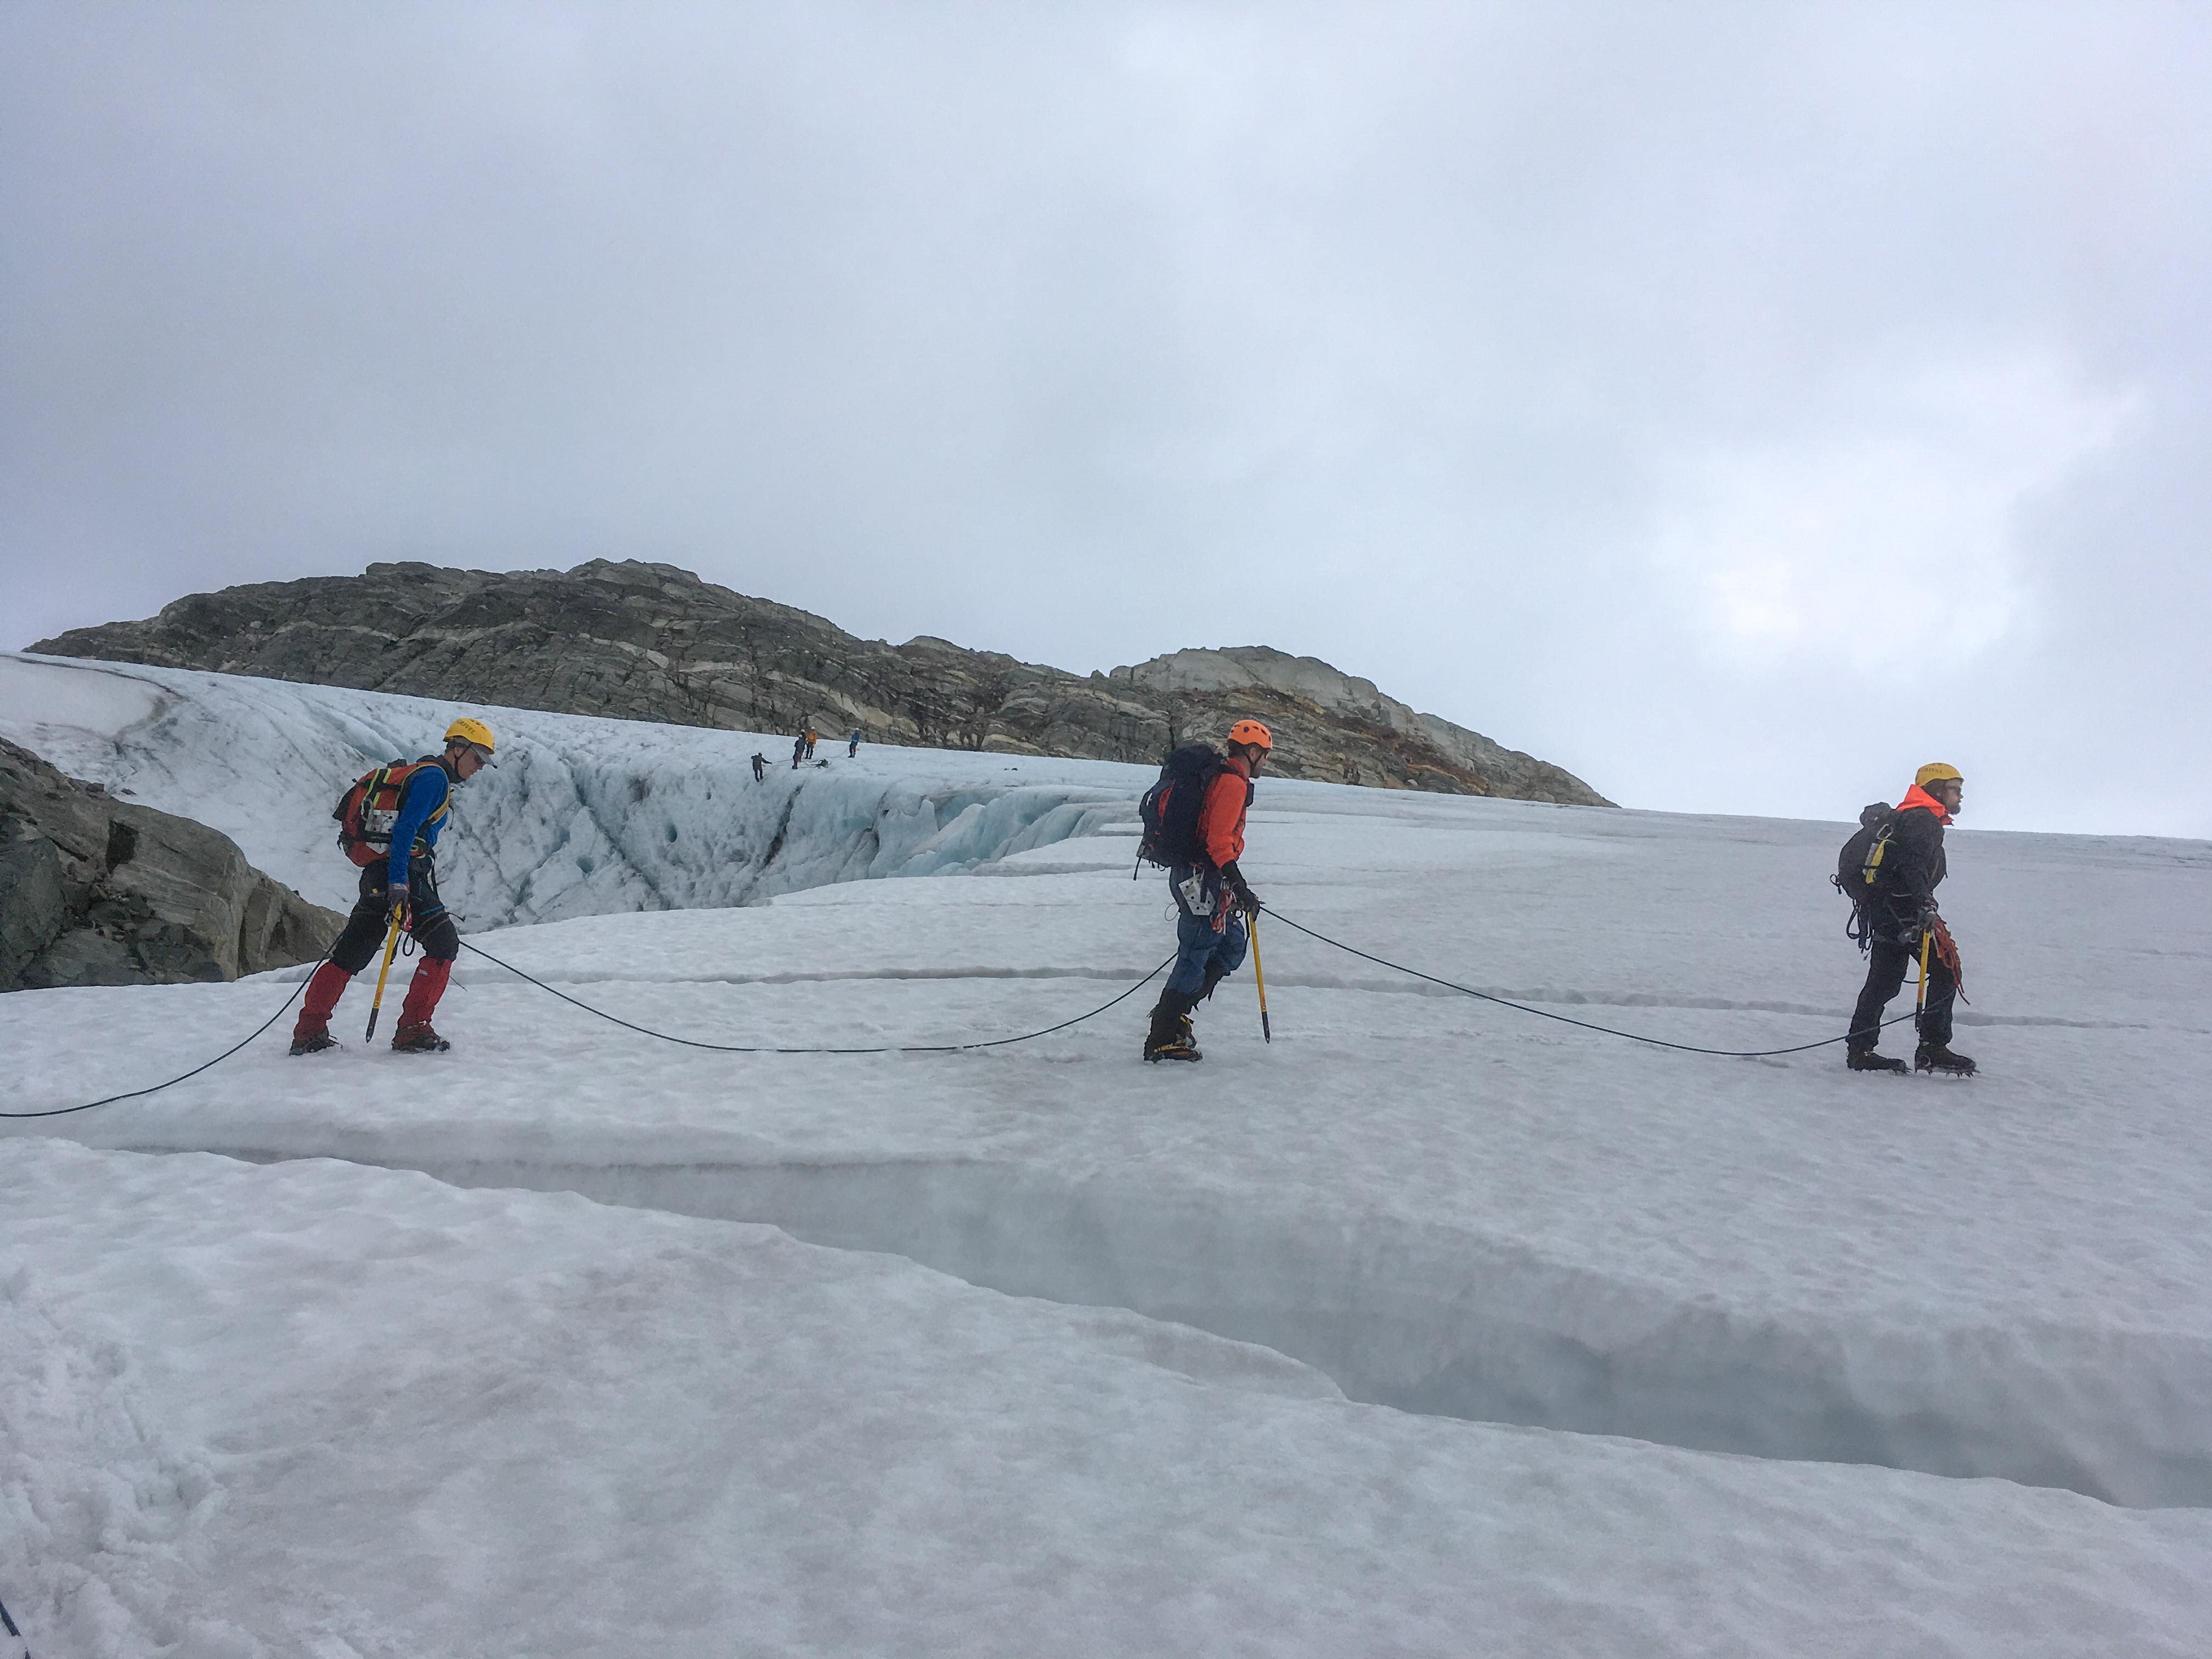 c316eba2 NF grunnkurs bre (819) — Turer og aktiviteter — Stavanger Turistforening